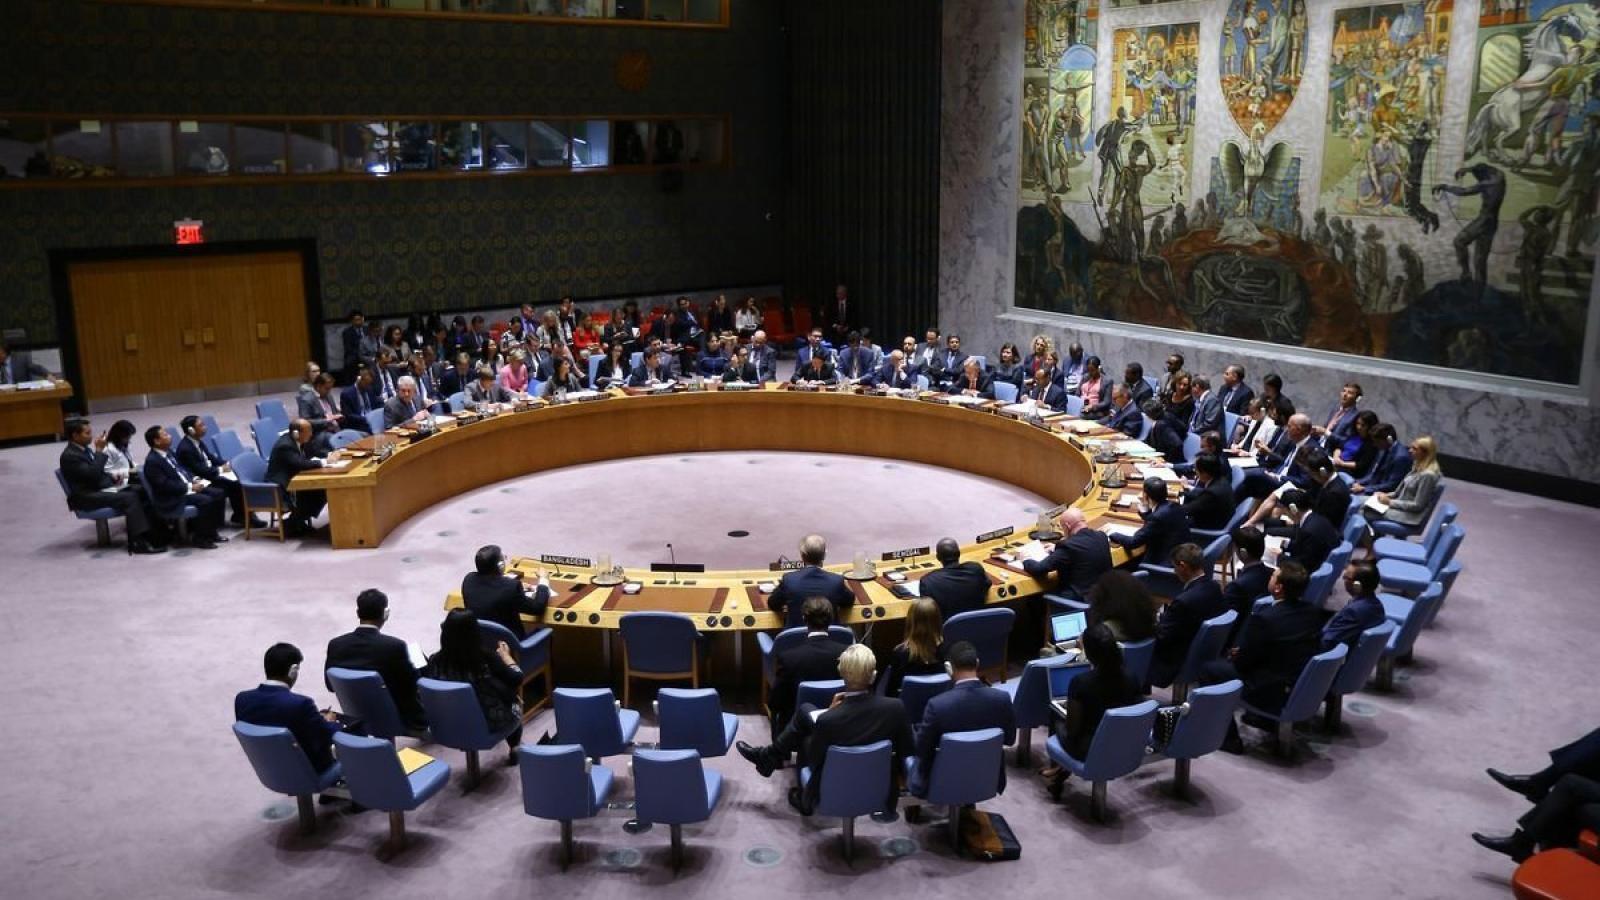 Mỹ hy vọng Hội đồng bảo an sẽ kéo dài cấm vận vũ khí đối với Iran